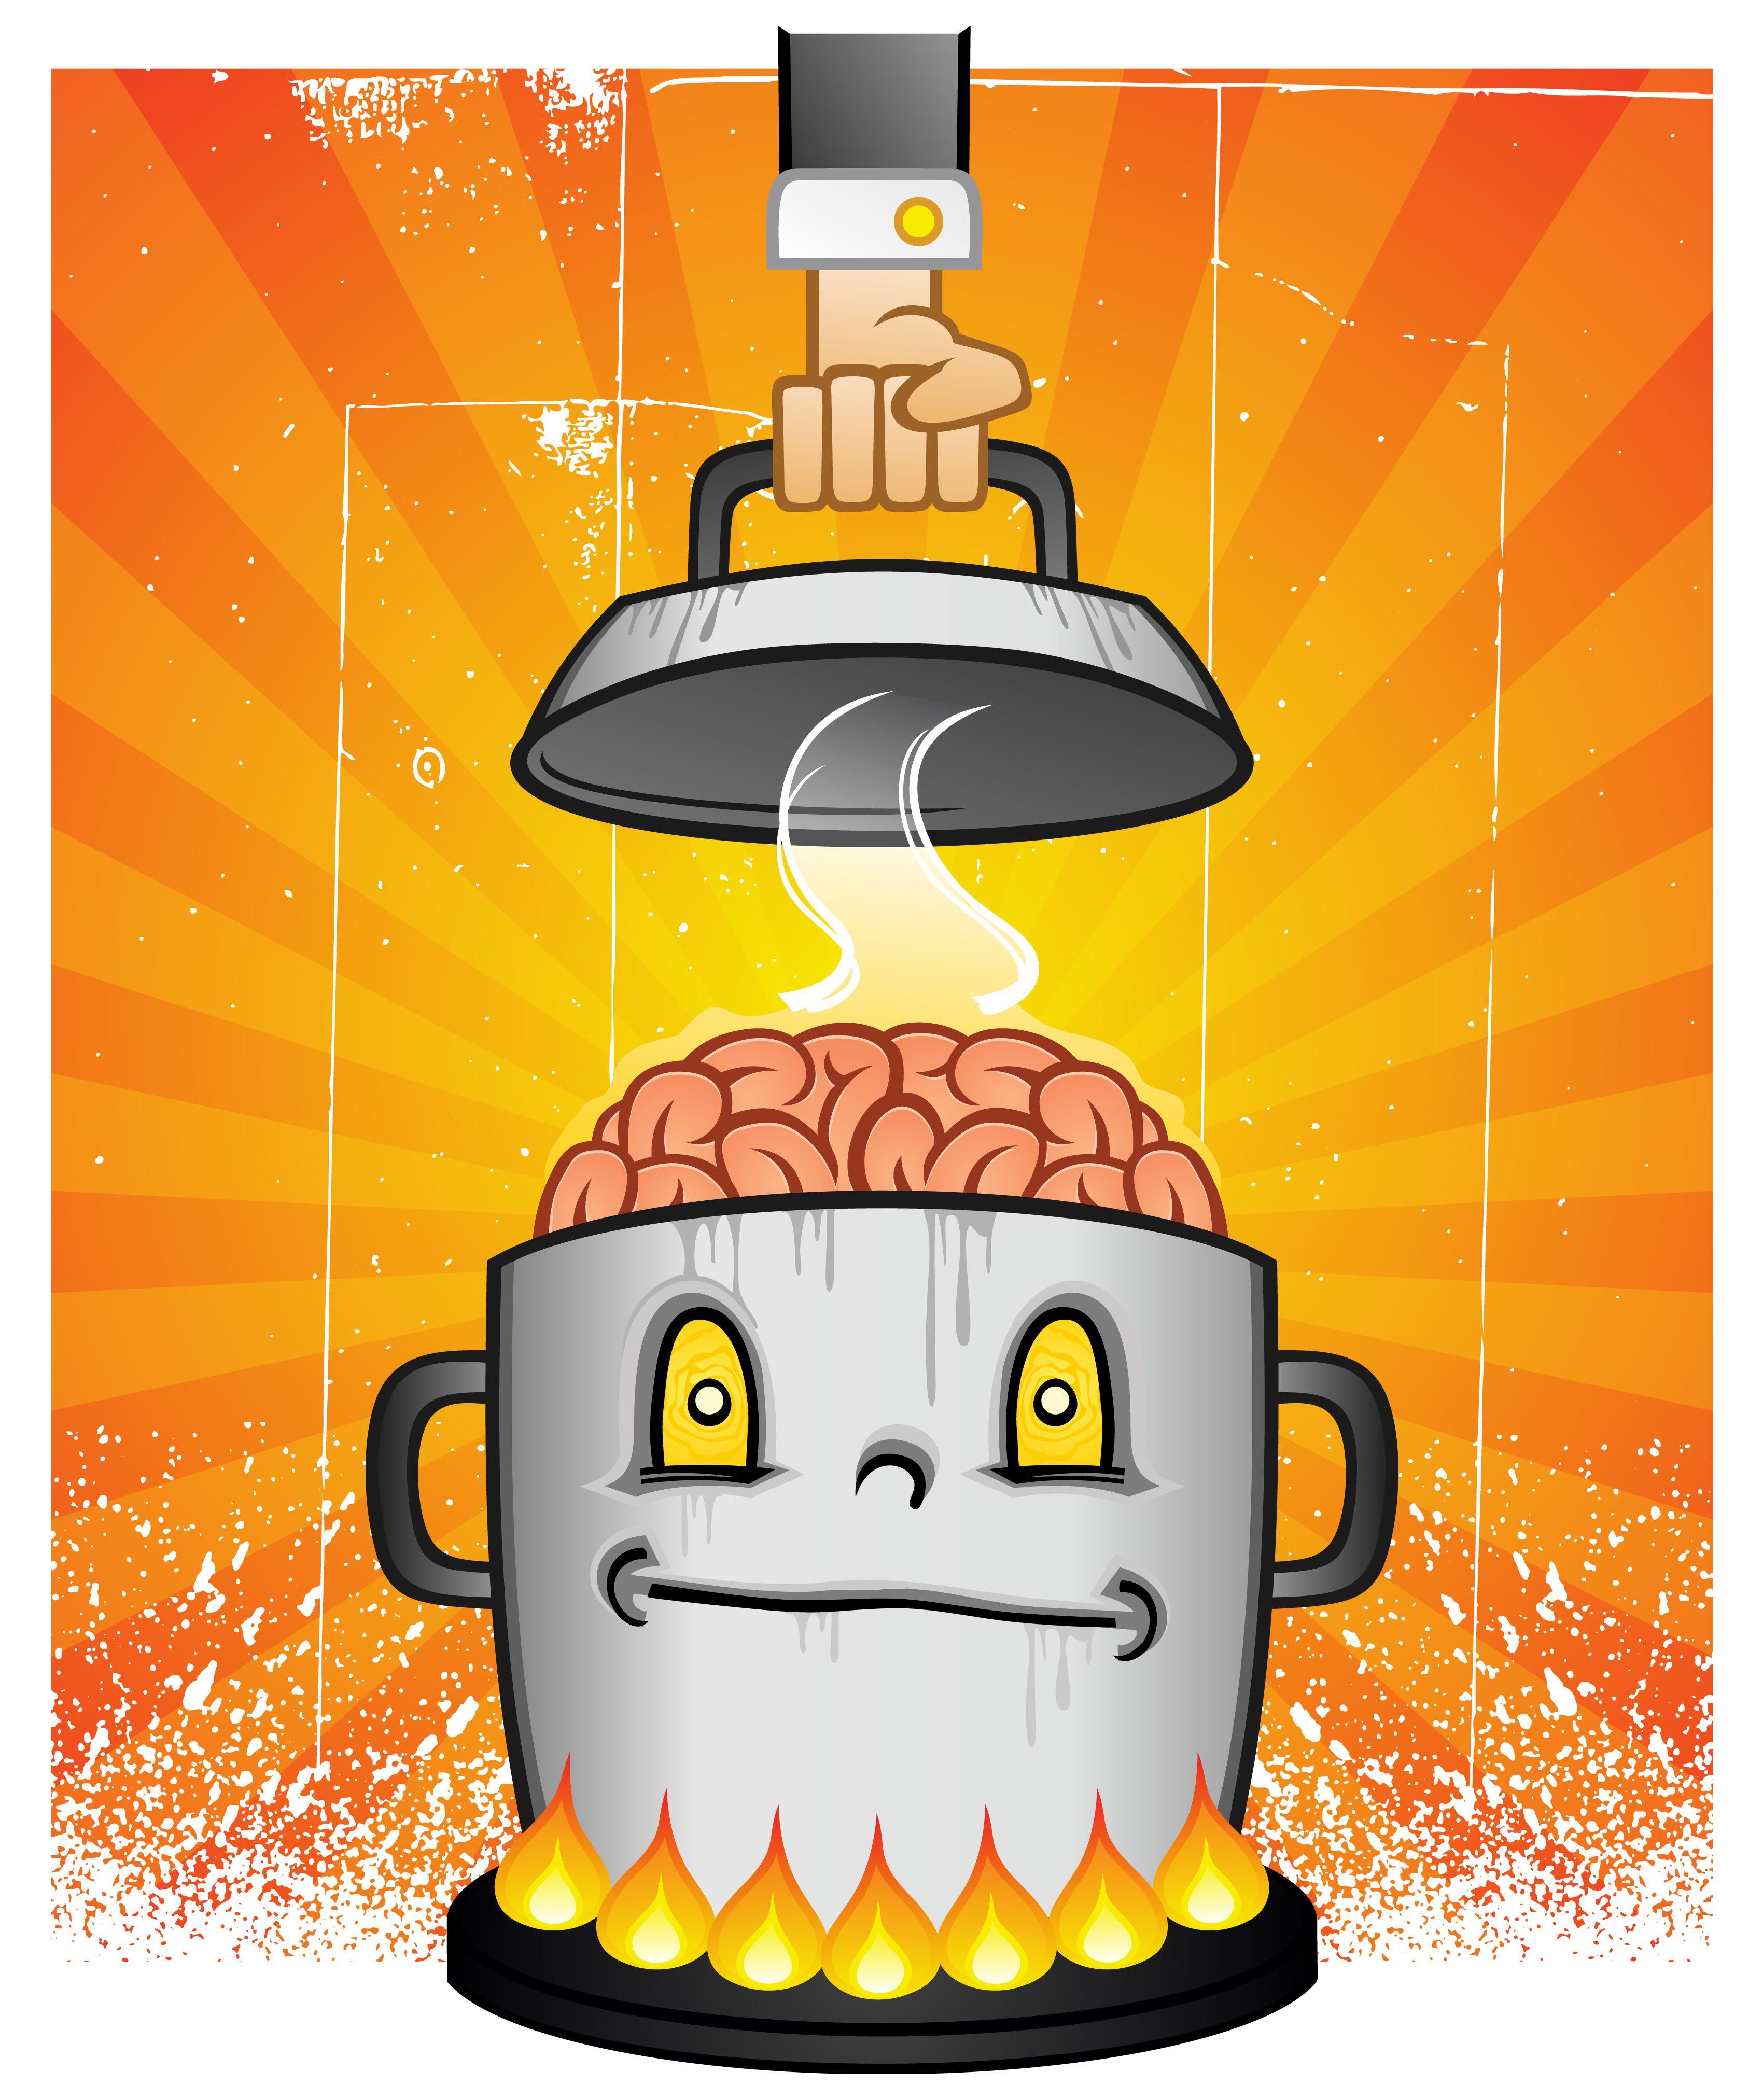 Det skal mer varme til for å koke hjernen.